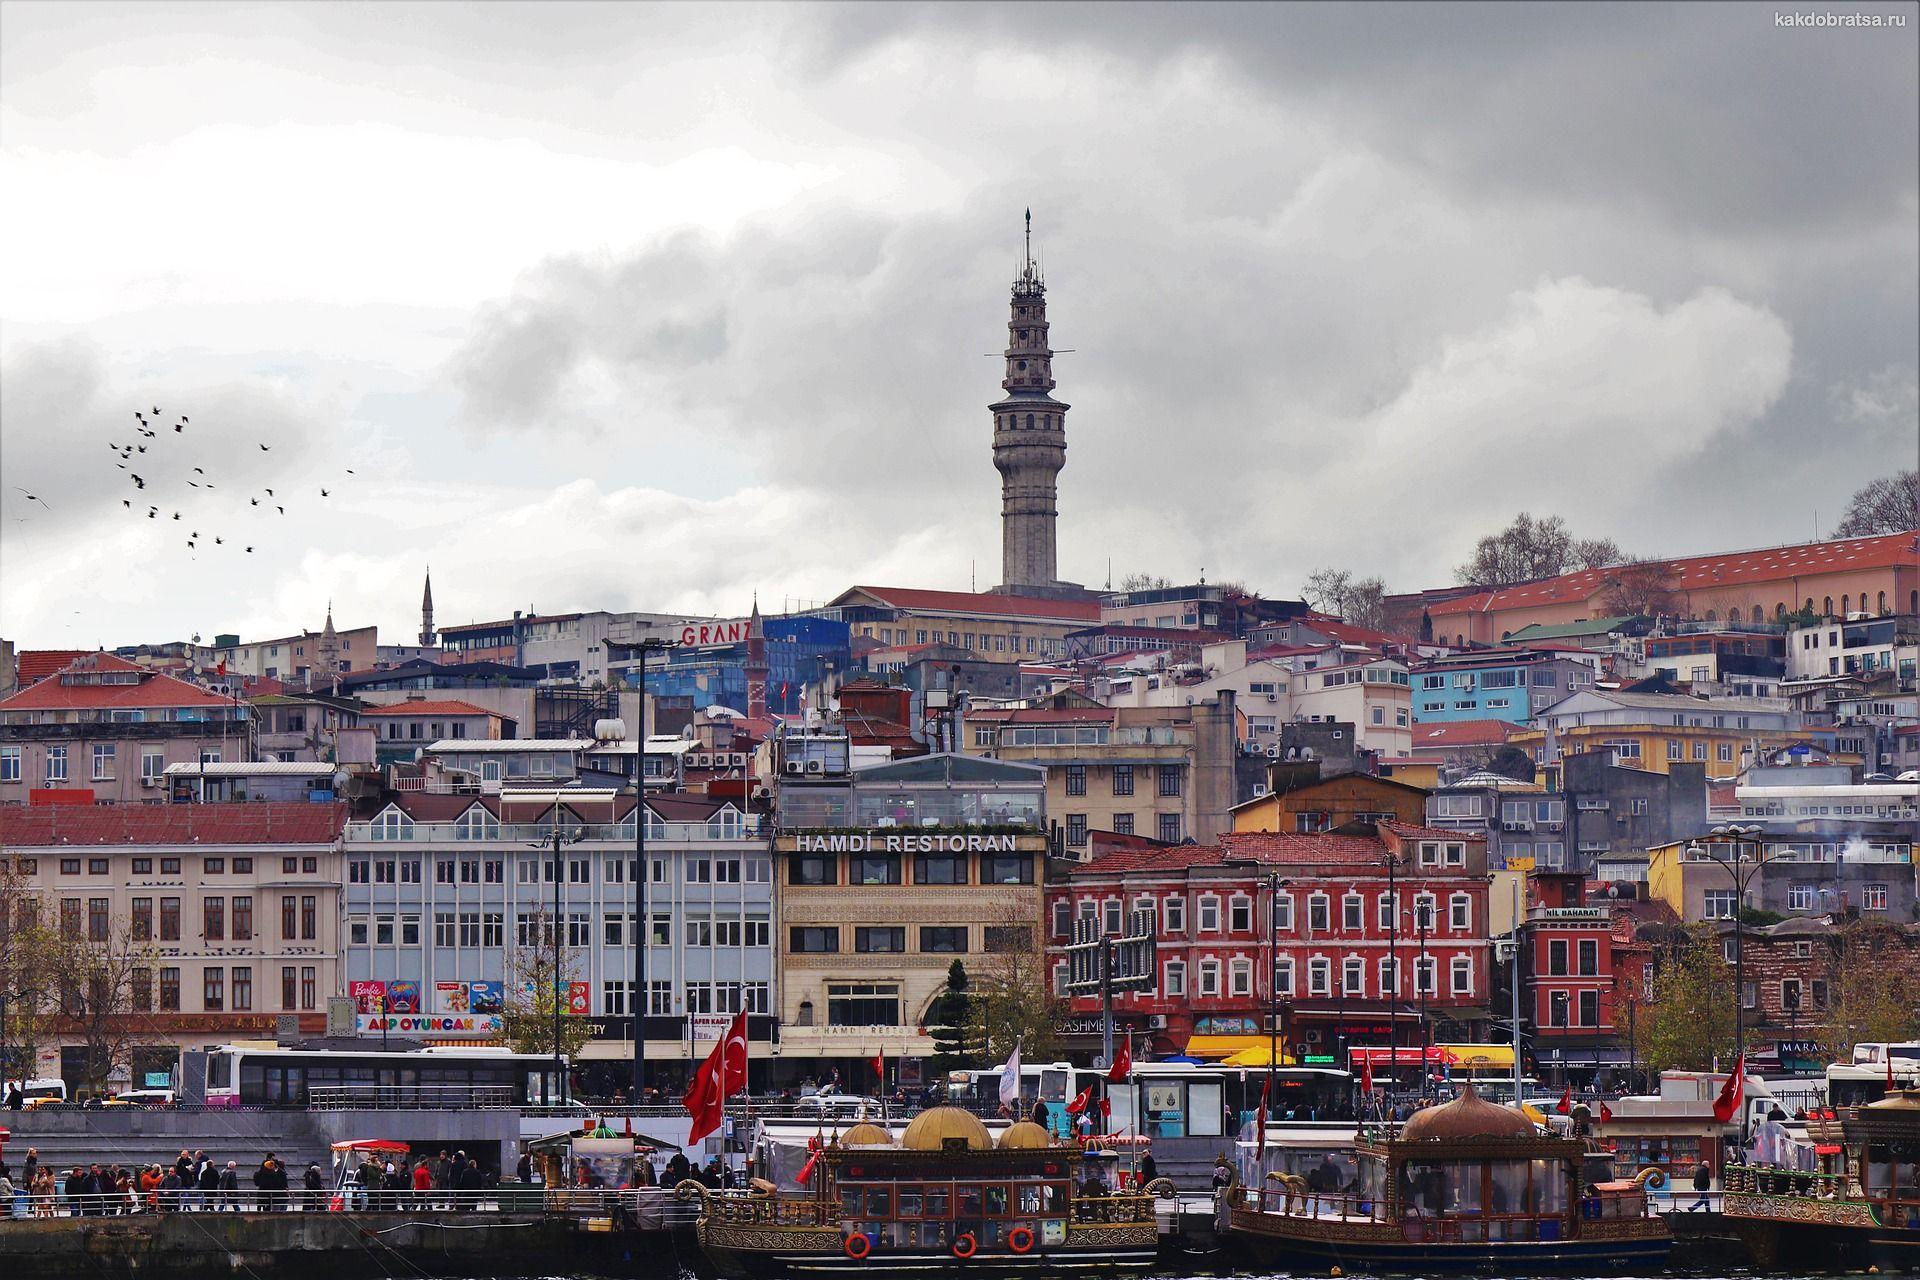 Стамбул куда полететь недорого из Москвы